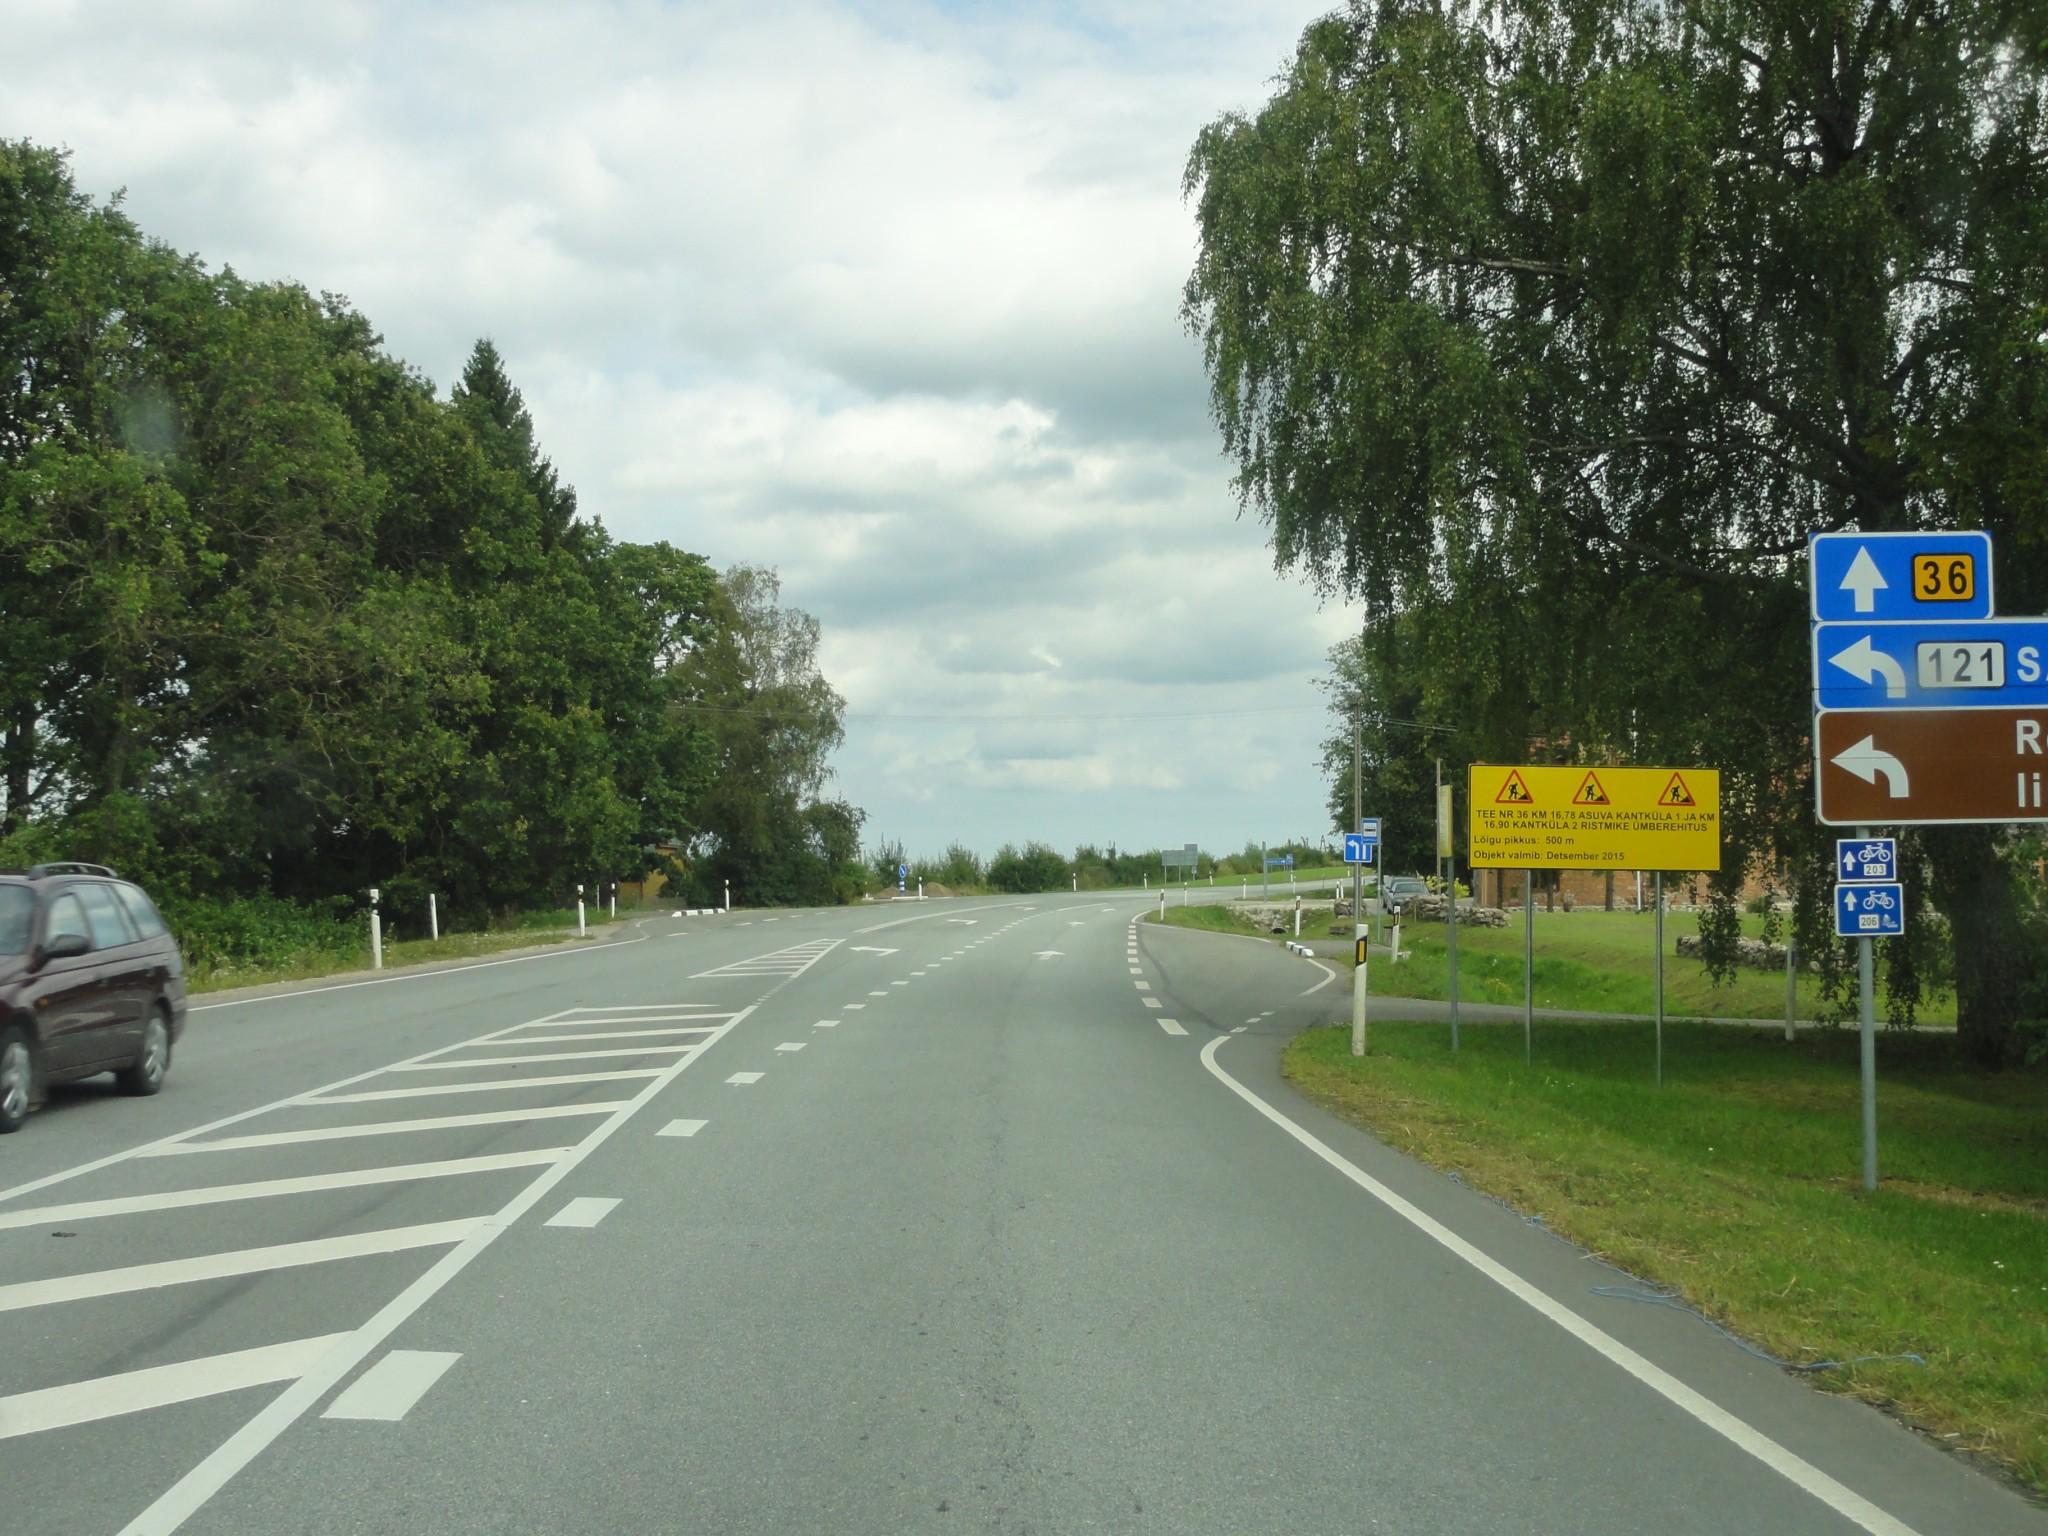 Tugimaantee nr. 36 Jõgeva – Mustvee km 16.78 asuva Kantküla 1 ja km 16.90 Kantküla 2 ristmike ümberehitus ja tugimaantee nr. 36 Jõgeva – Mustvee km 20.45 ja kõrvalmaantee nr 14160 Vaiatu – Tõikvere ning nr. 17192 Simuna – Vaiatu ristmiku piirkonda kergliiklustee ehitus koos projekteerimisega